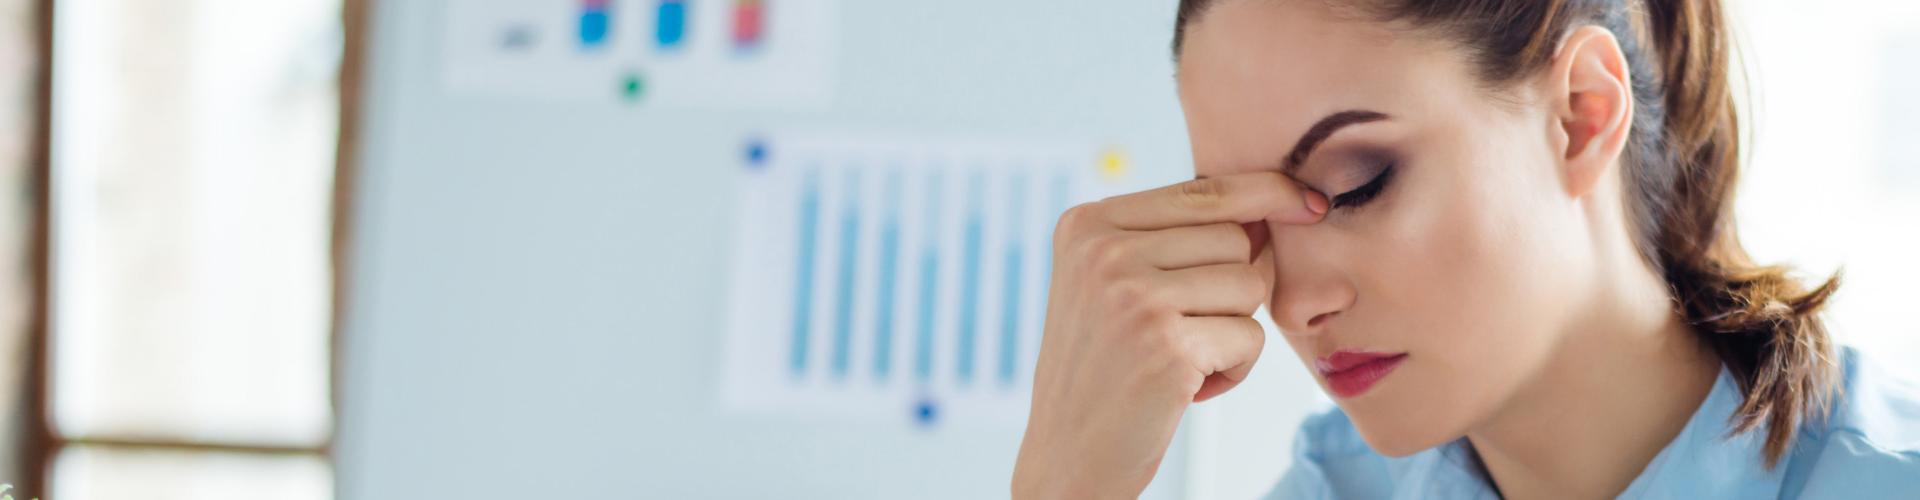 Fatigue oculaire numérique